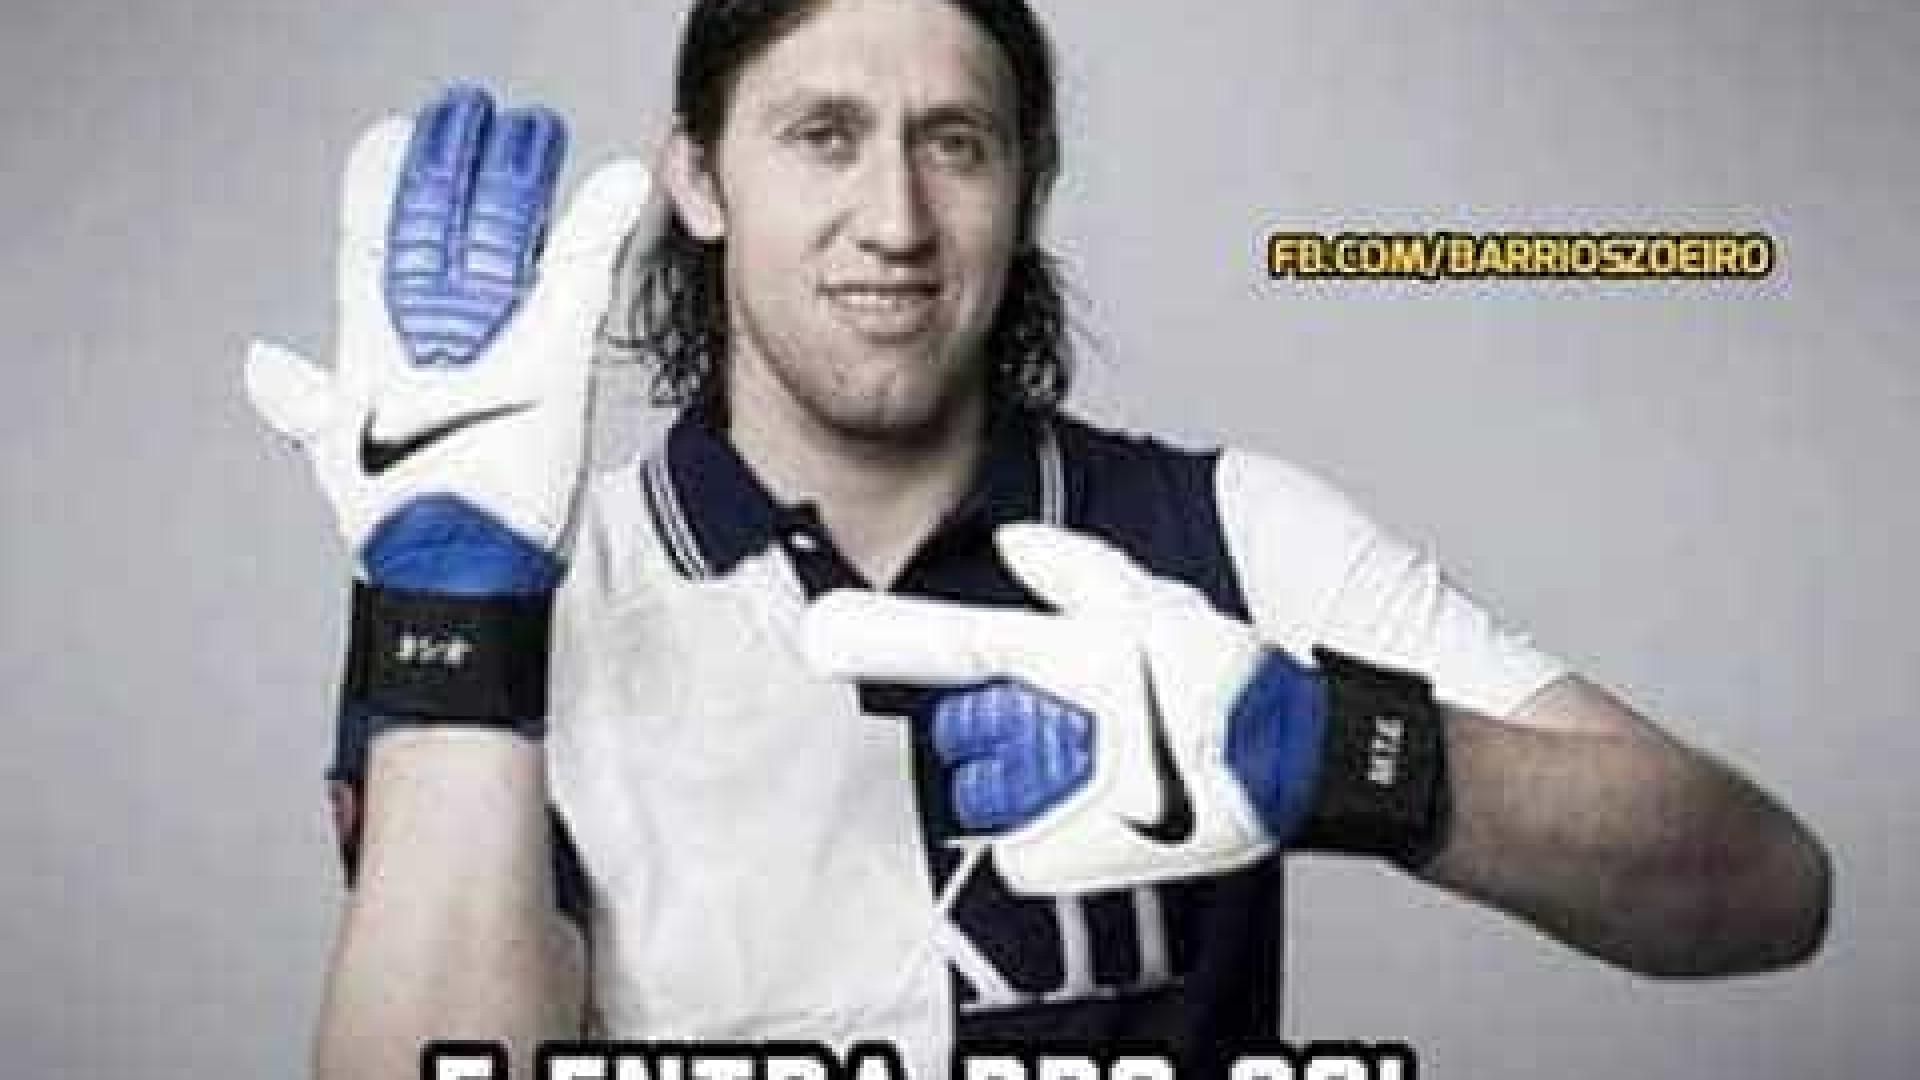 Internautas não perdoam derrotas de Corinthians e São Paulo; memes